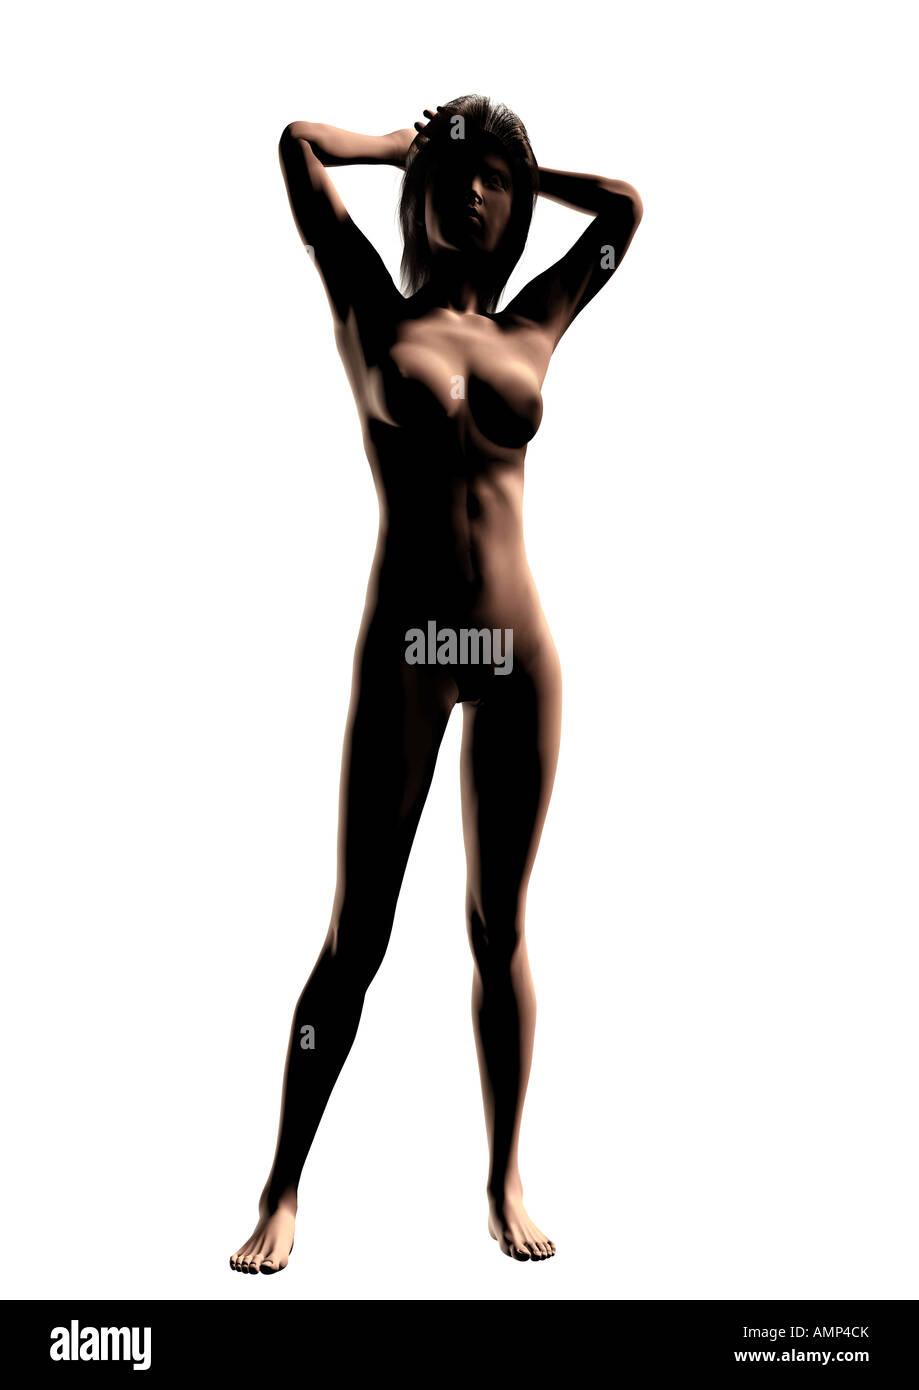 Nude frau Frauen: Free